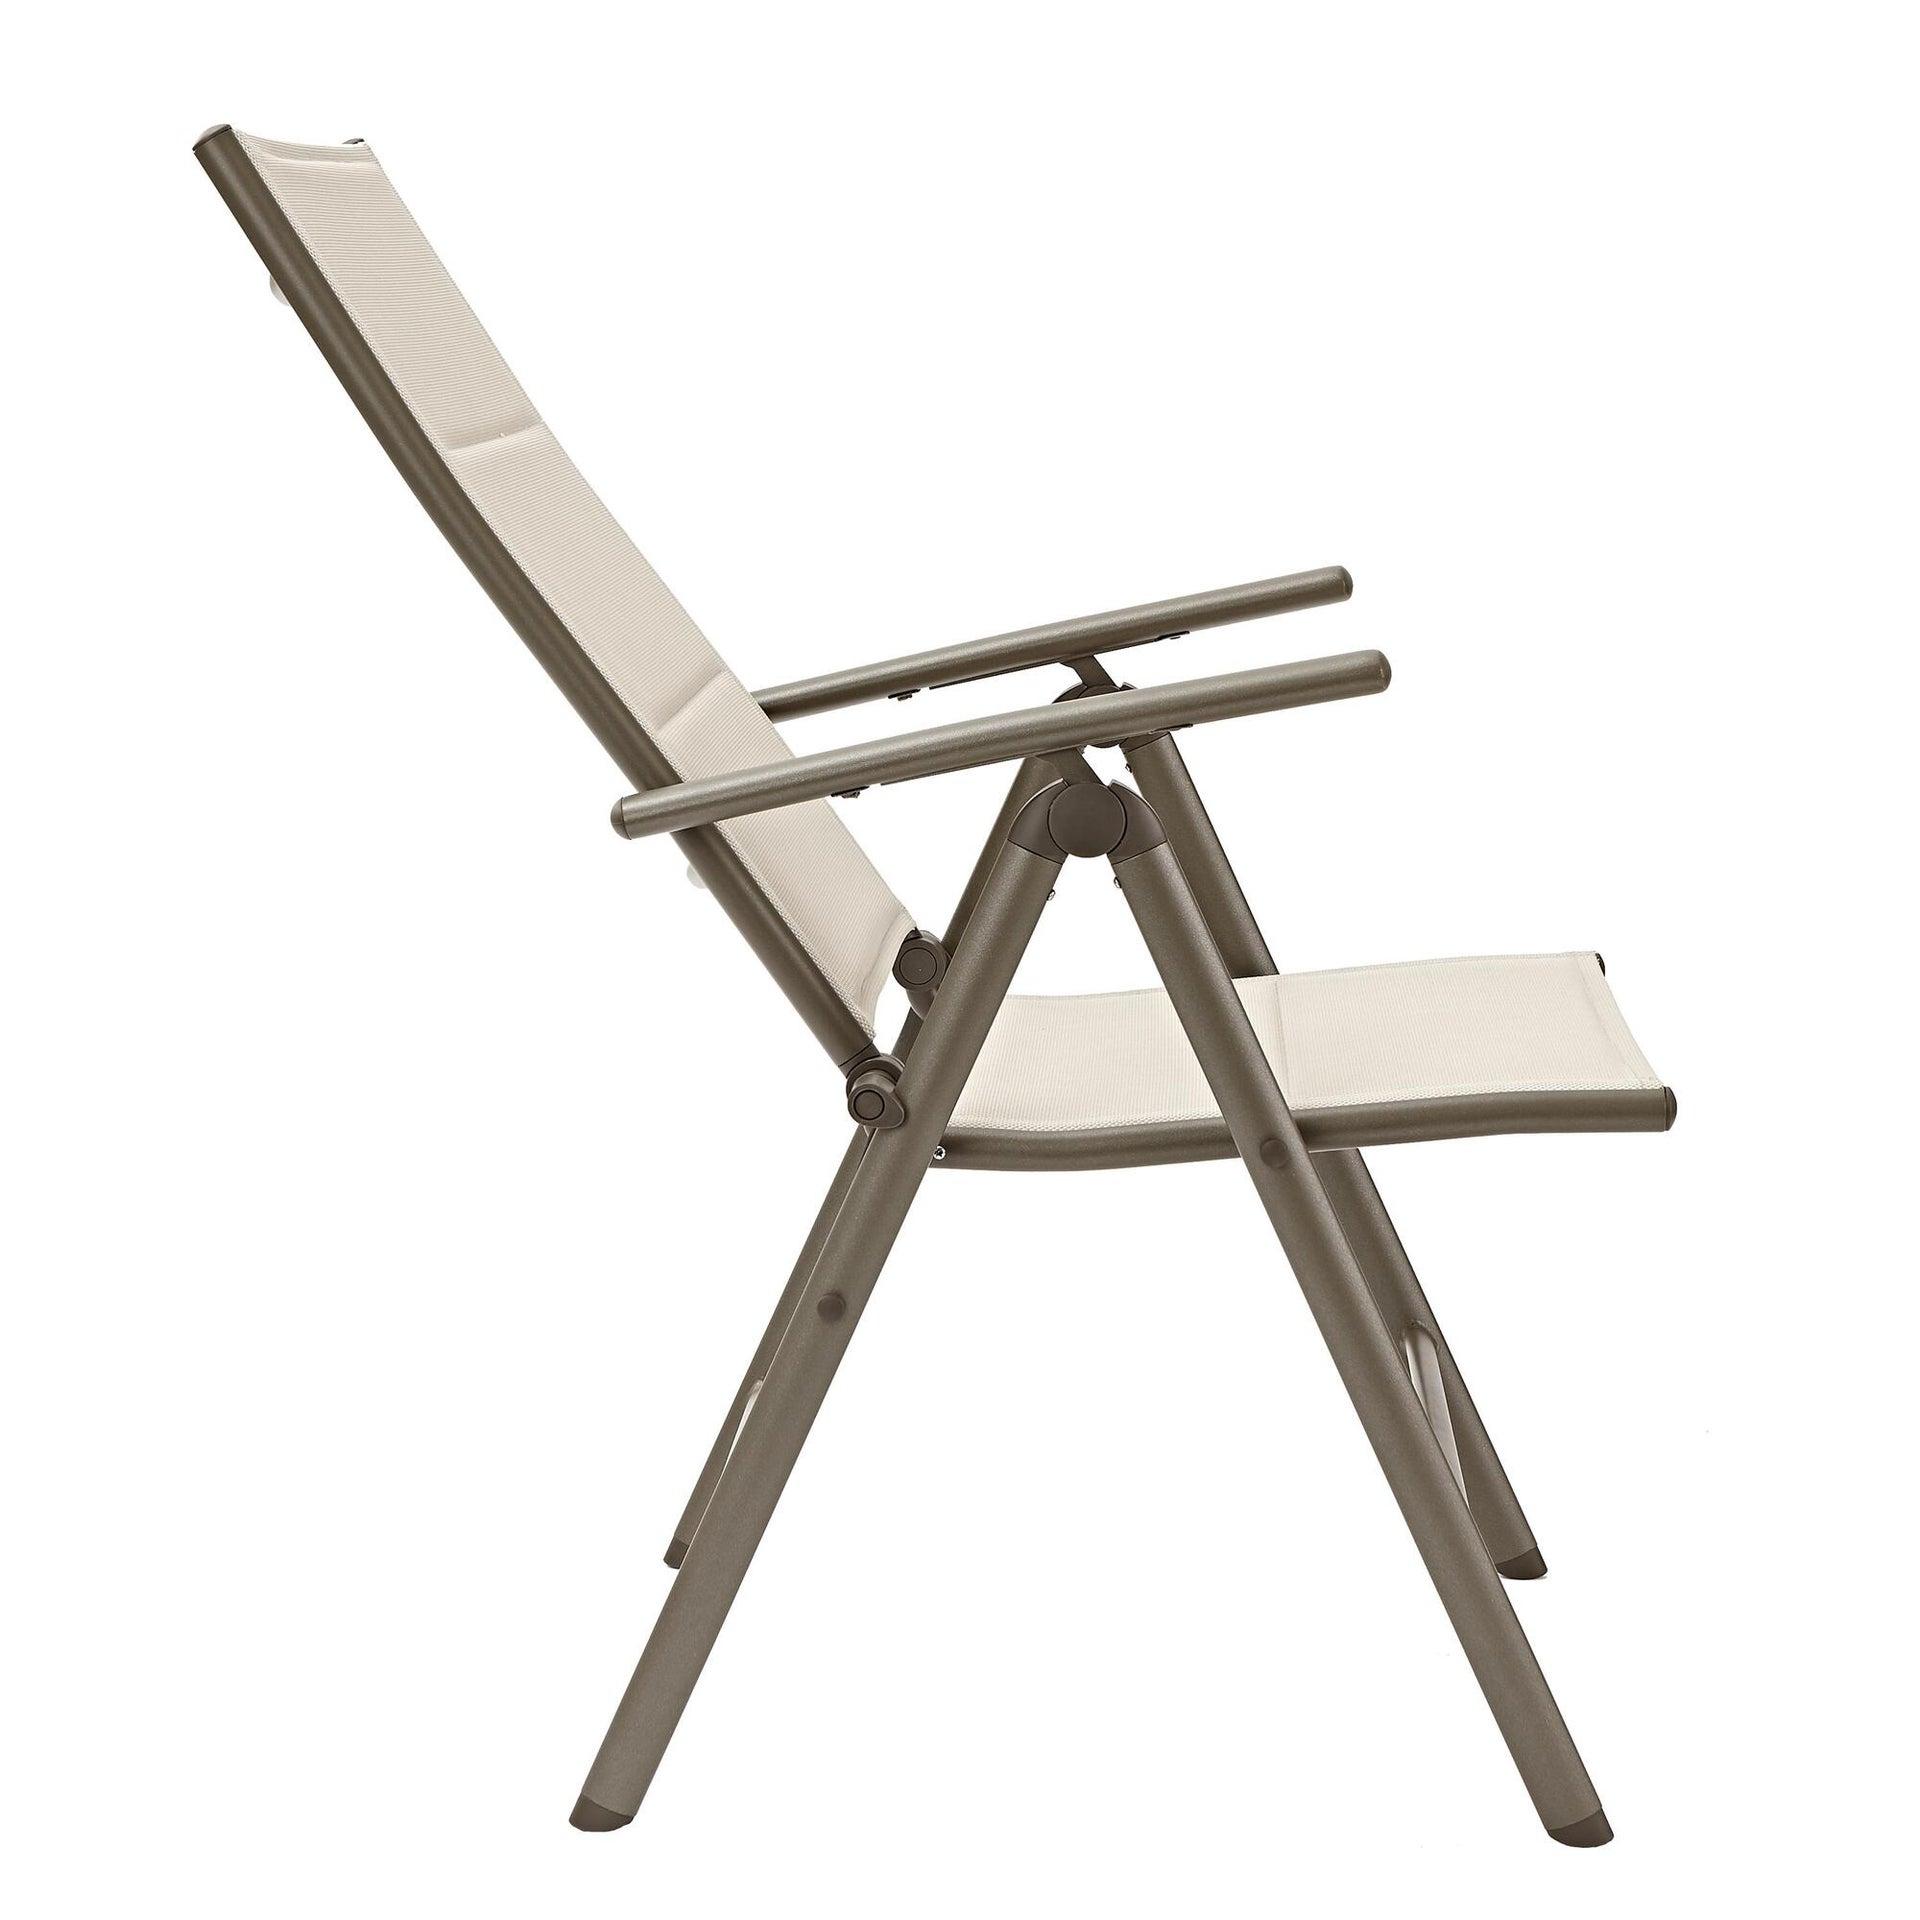 Sedia con braccioli senza cuscino pieghevole in alluminio Orion NATERIAL colore antracite - 6